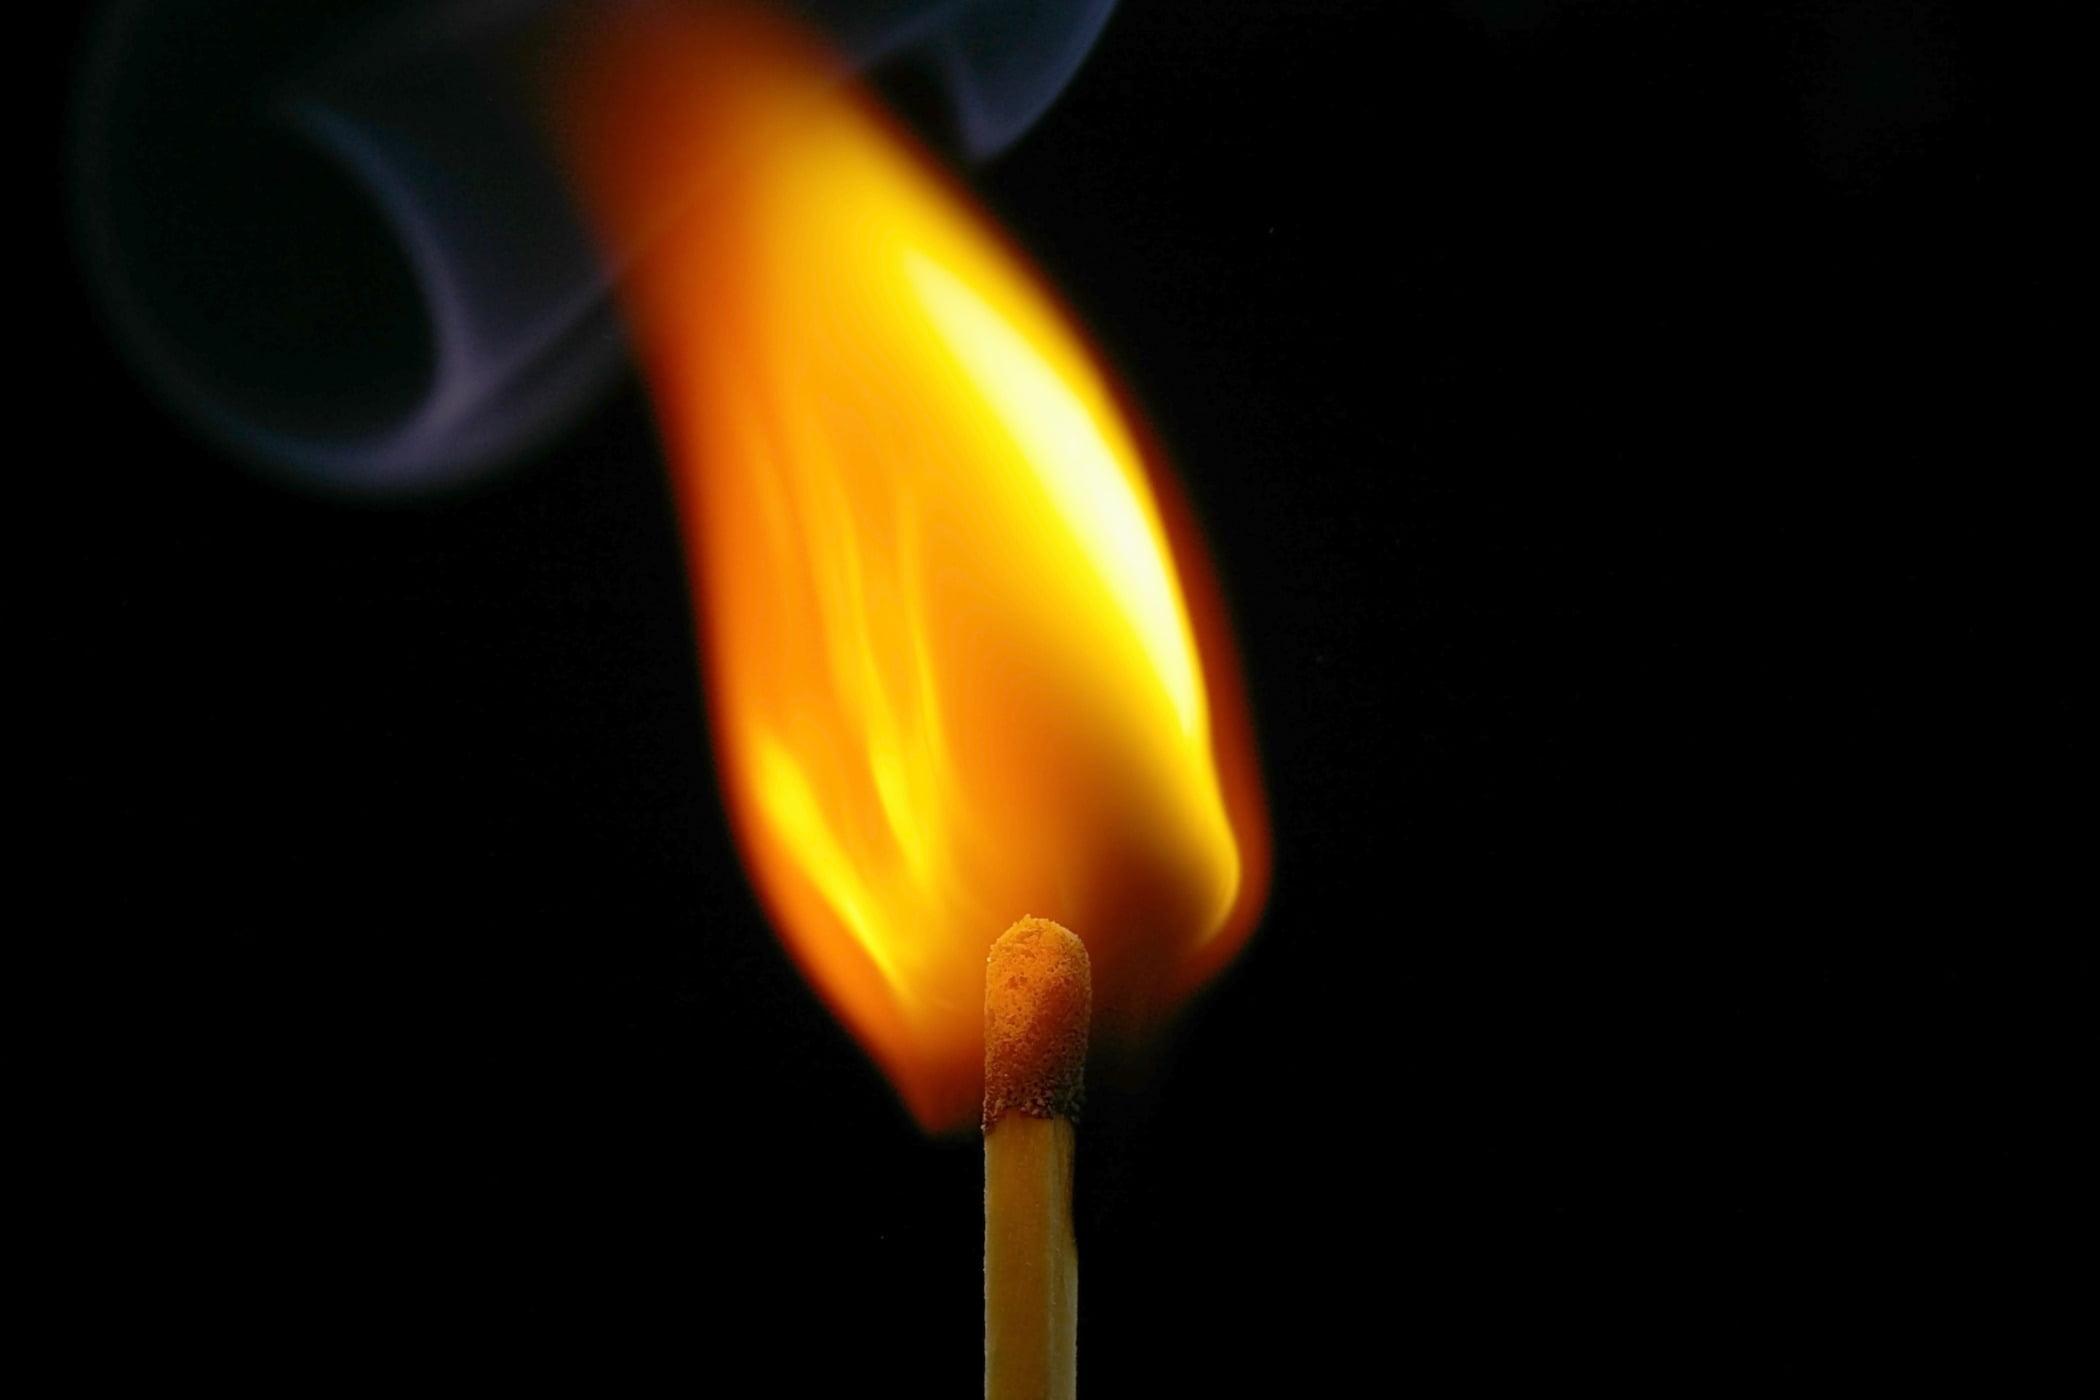 Match, Fire, Flame